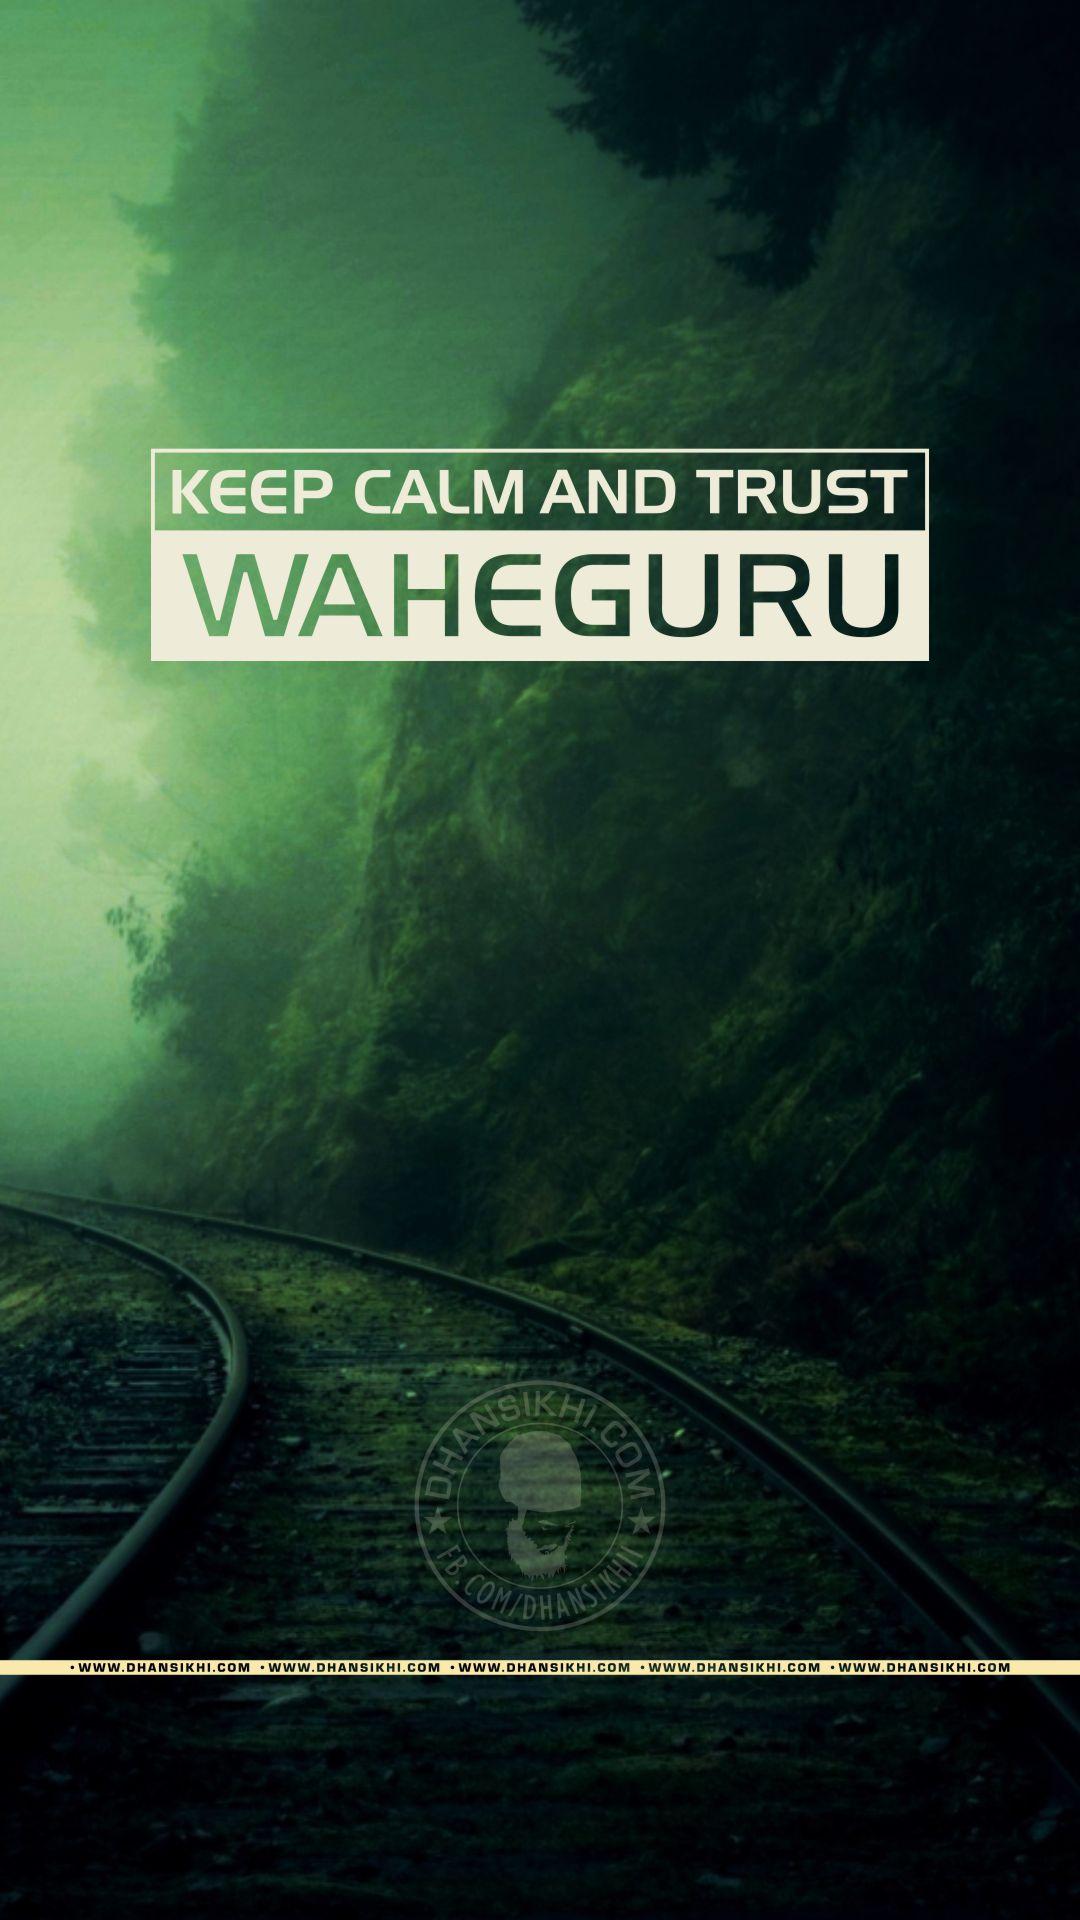 Keep calm and trust waheguru